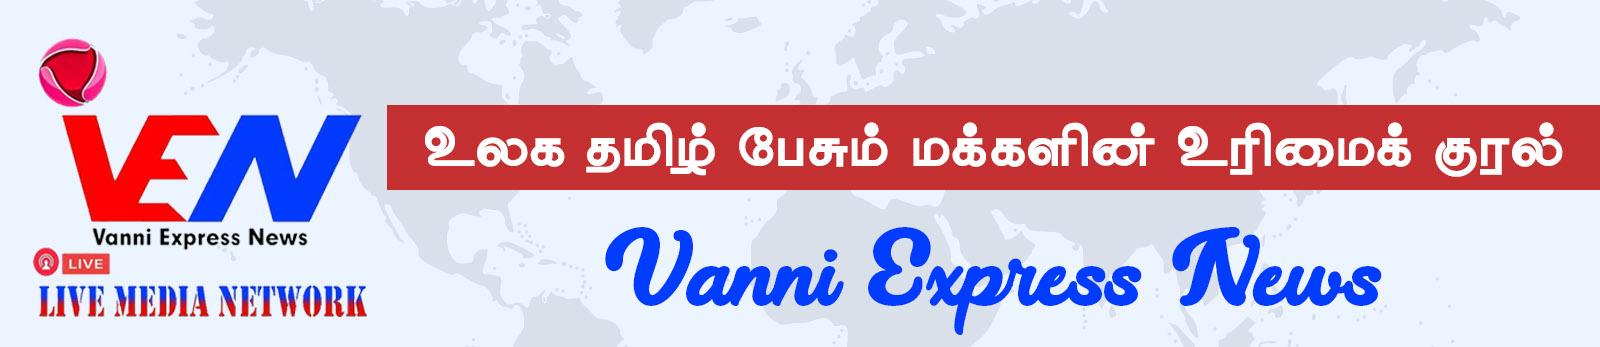 Vanni Express News